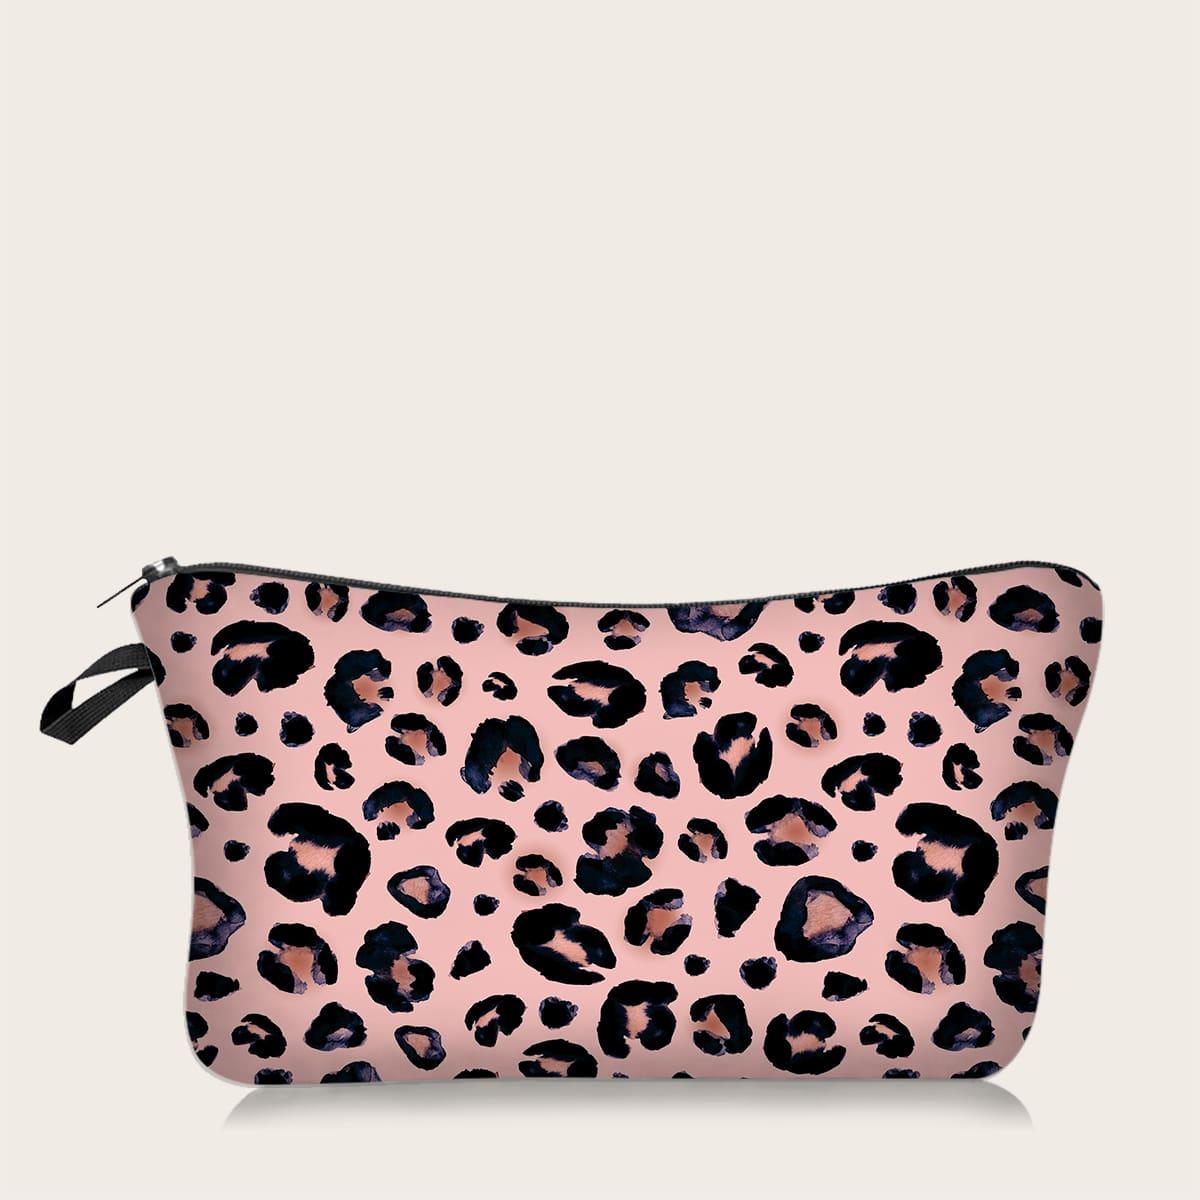 Косметическая сумка с леопардовым принтом